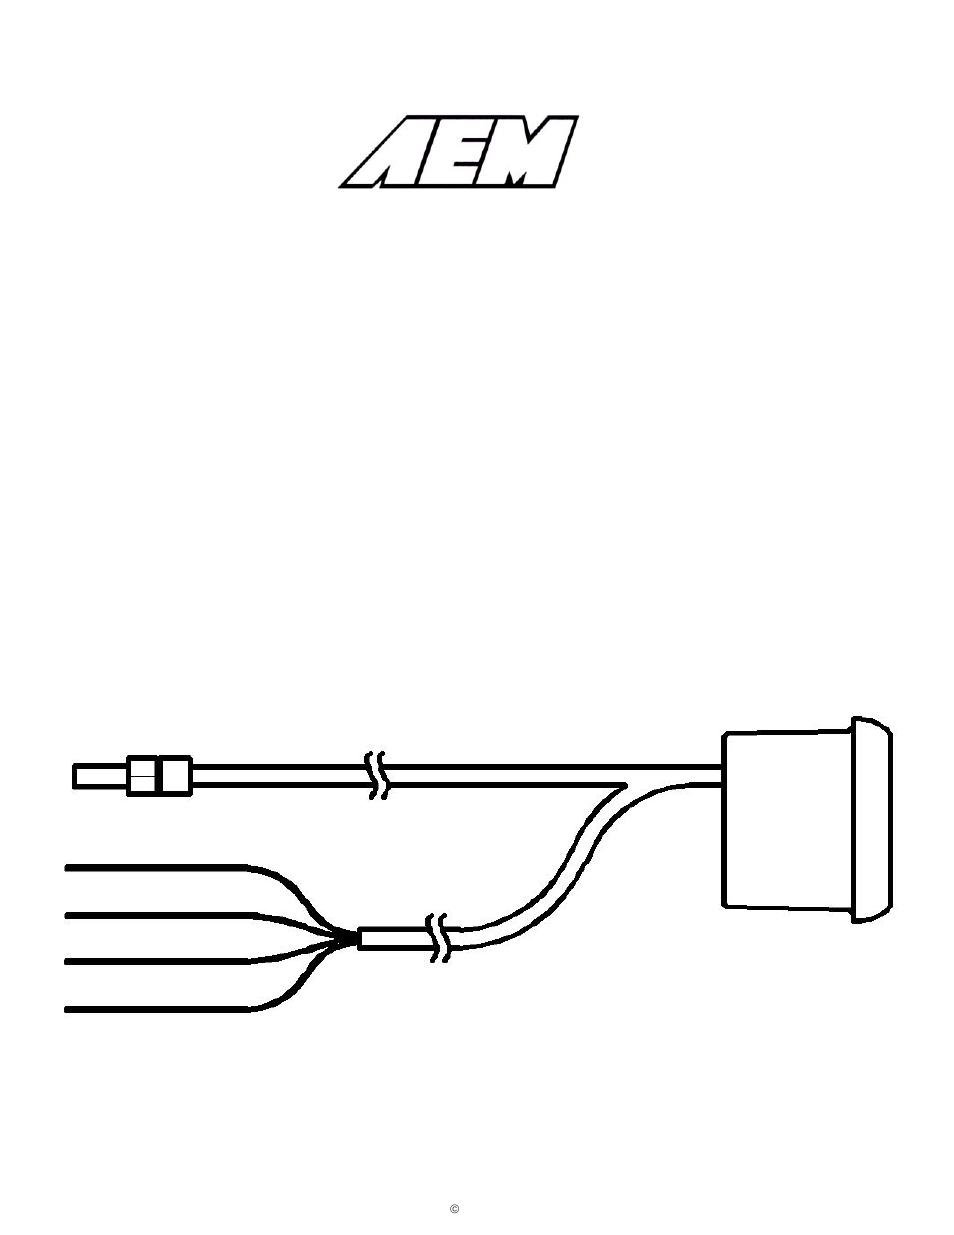 Fuel Gauge Wiring Diagram On Rule Bilge Pump Wiring Diagram 3 Way